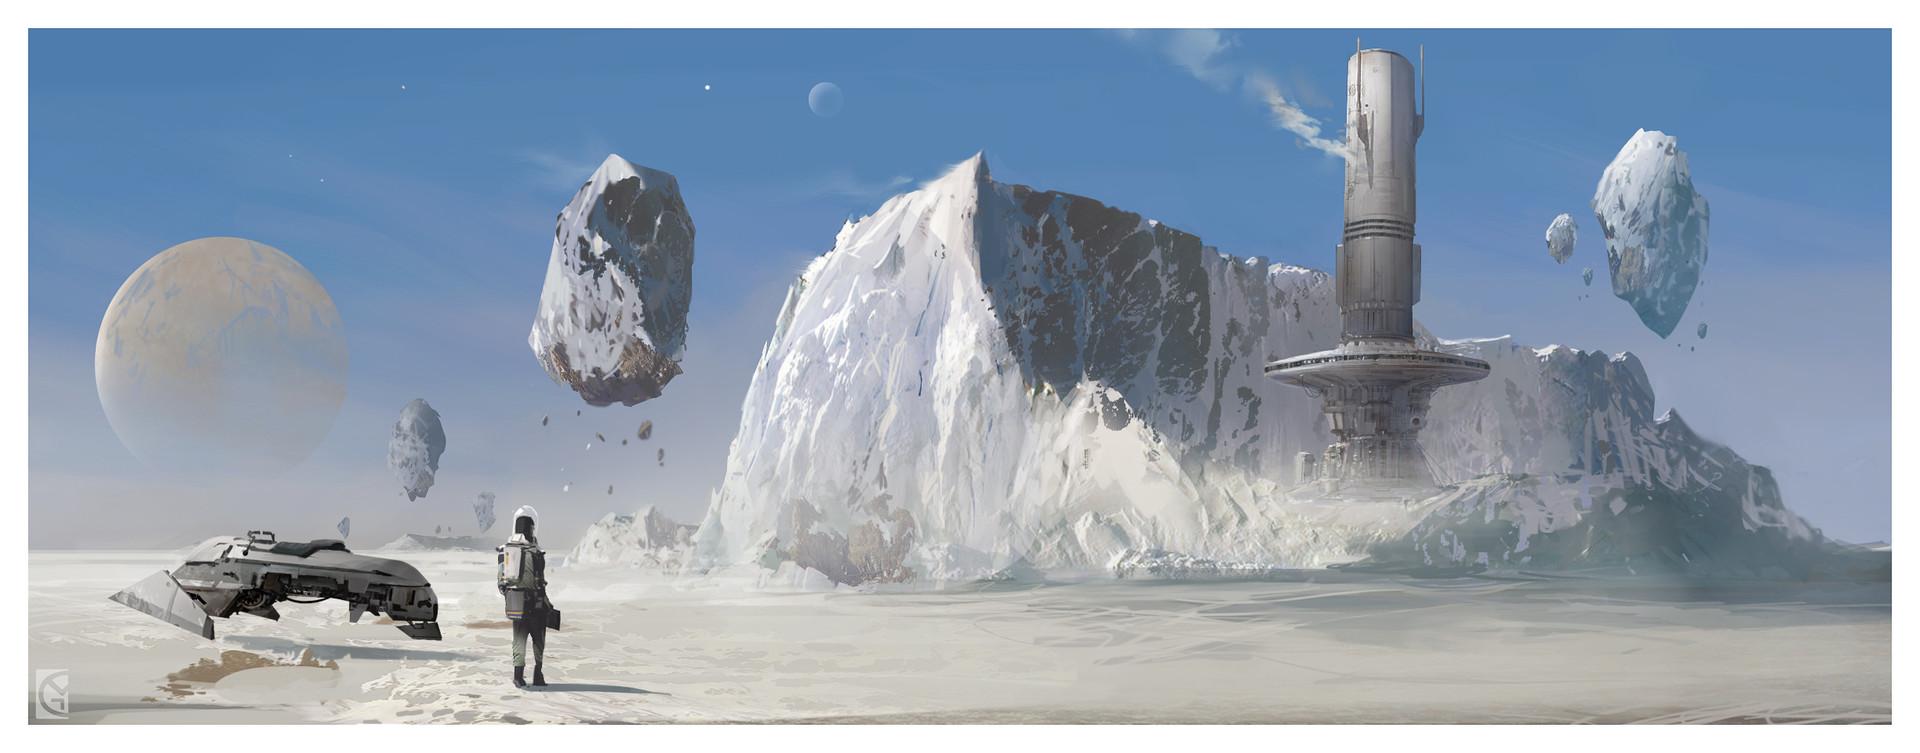 clinton-young-snowfall-samples.jpg?14666